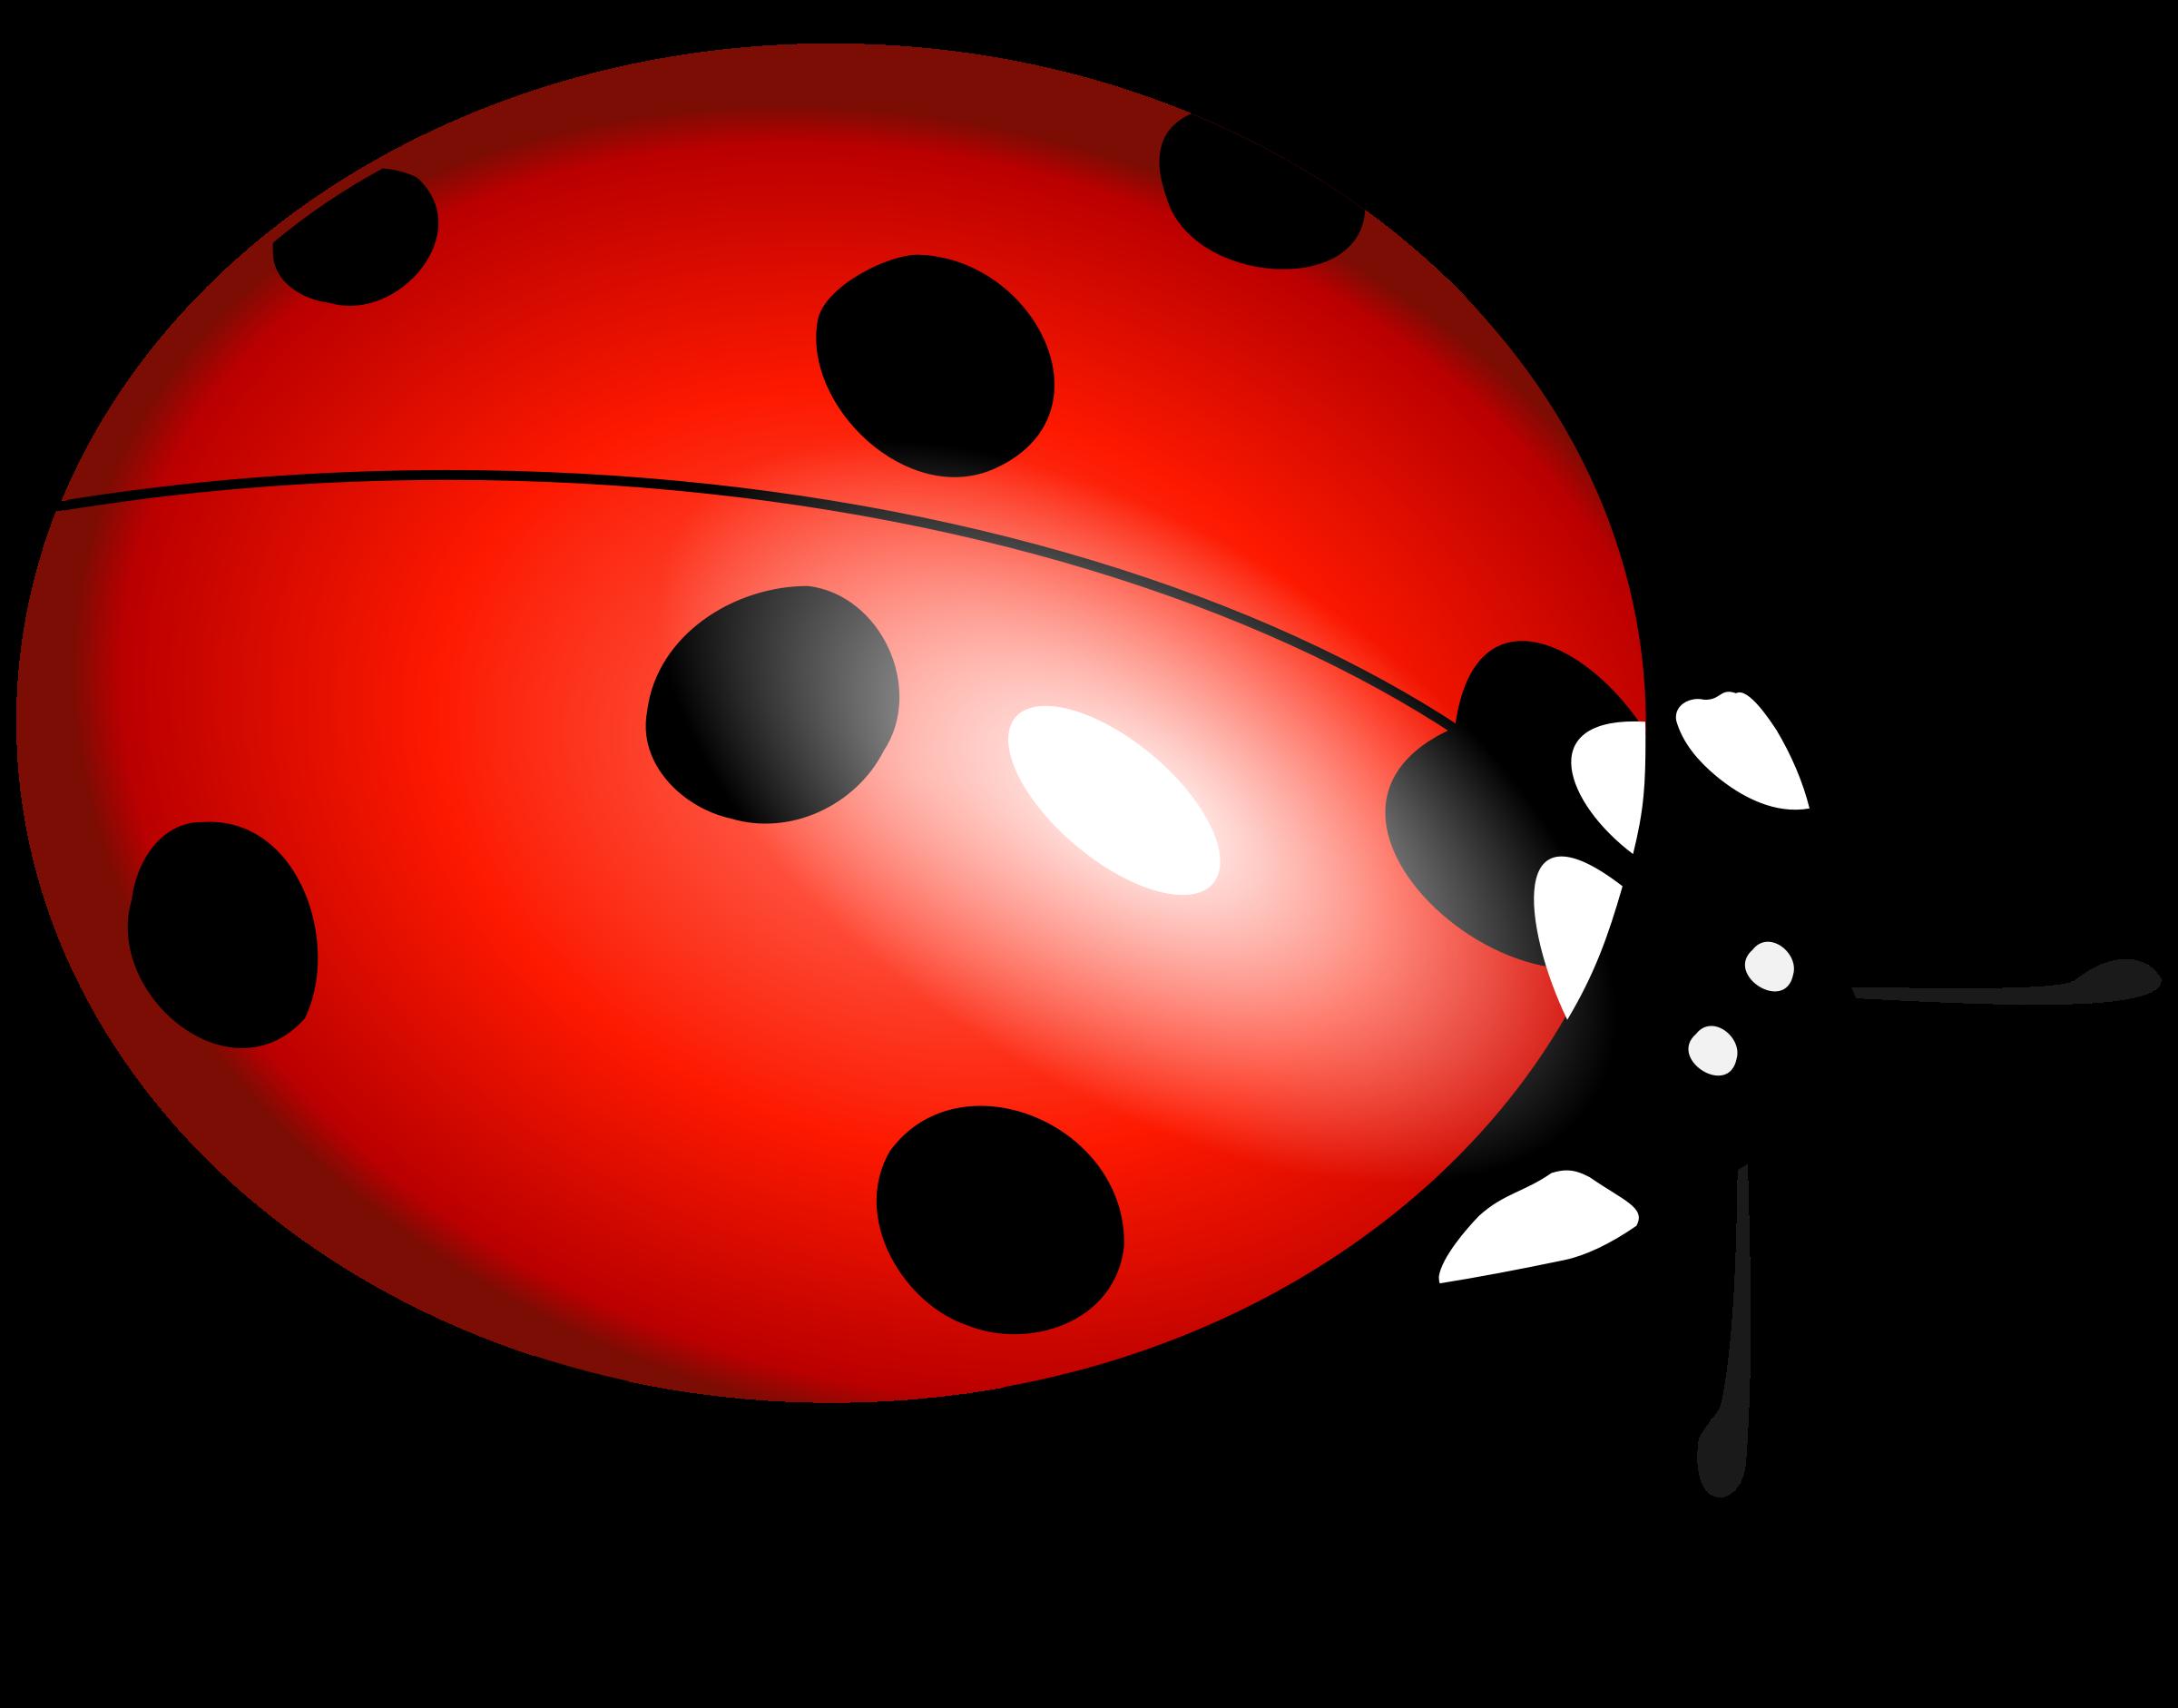 2400x1882 Ladybug Clipart File